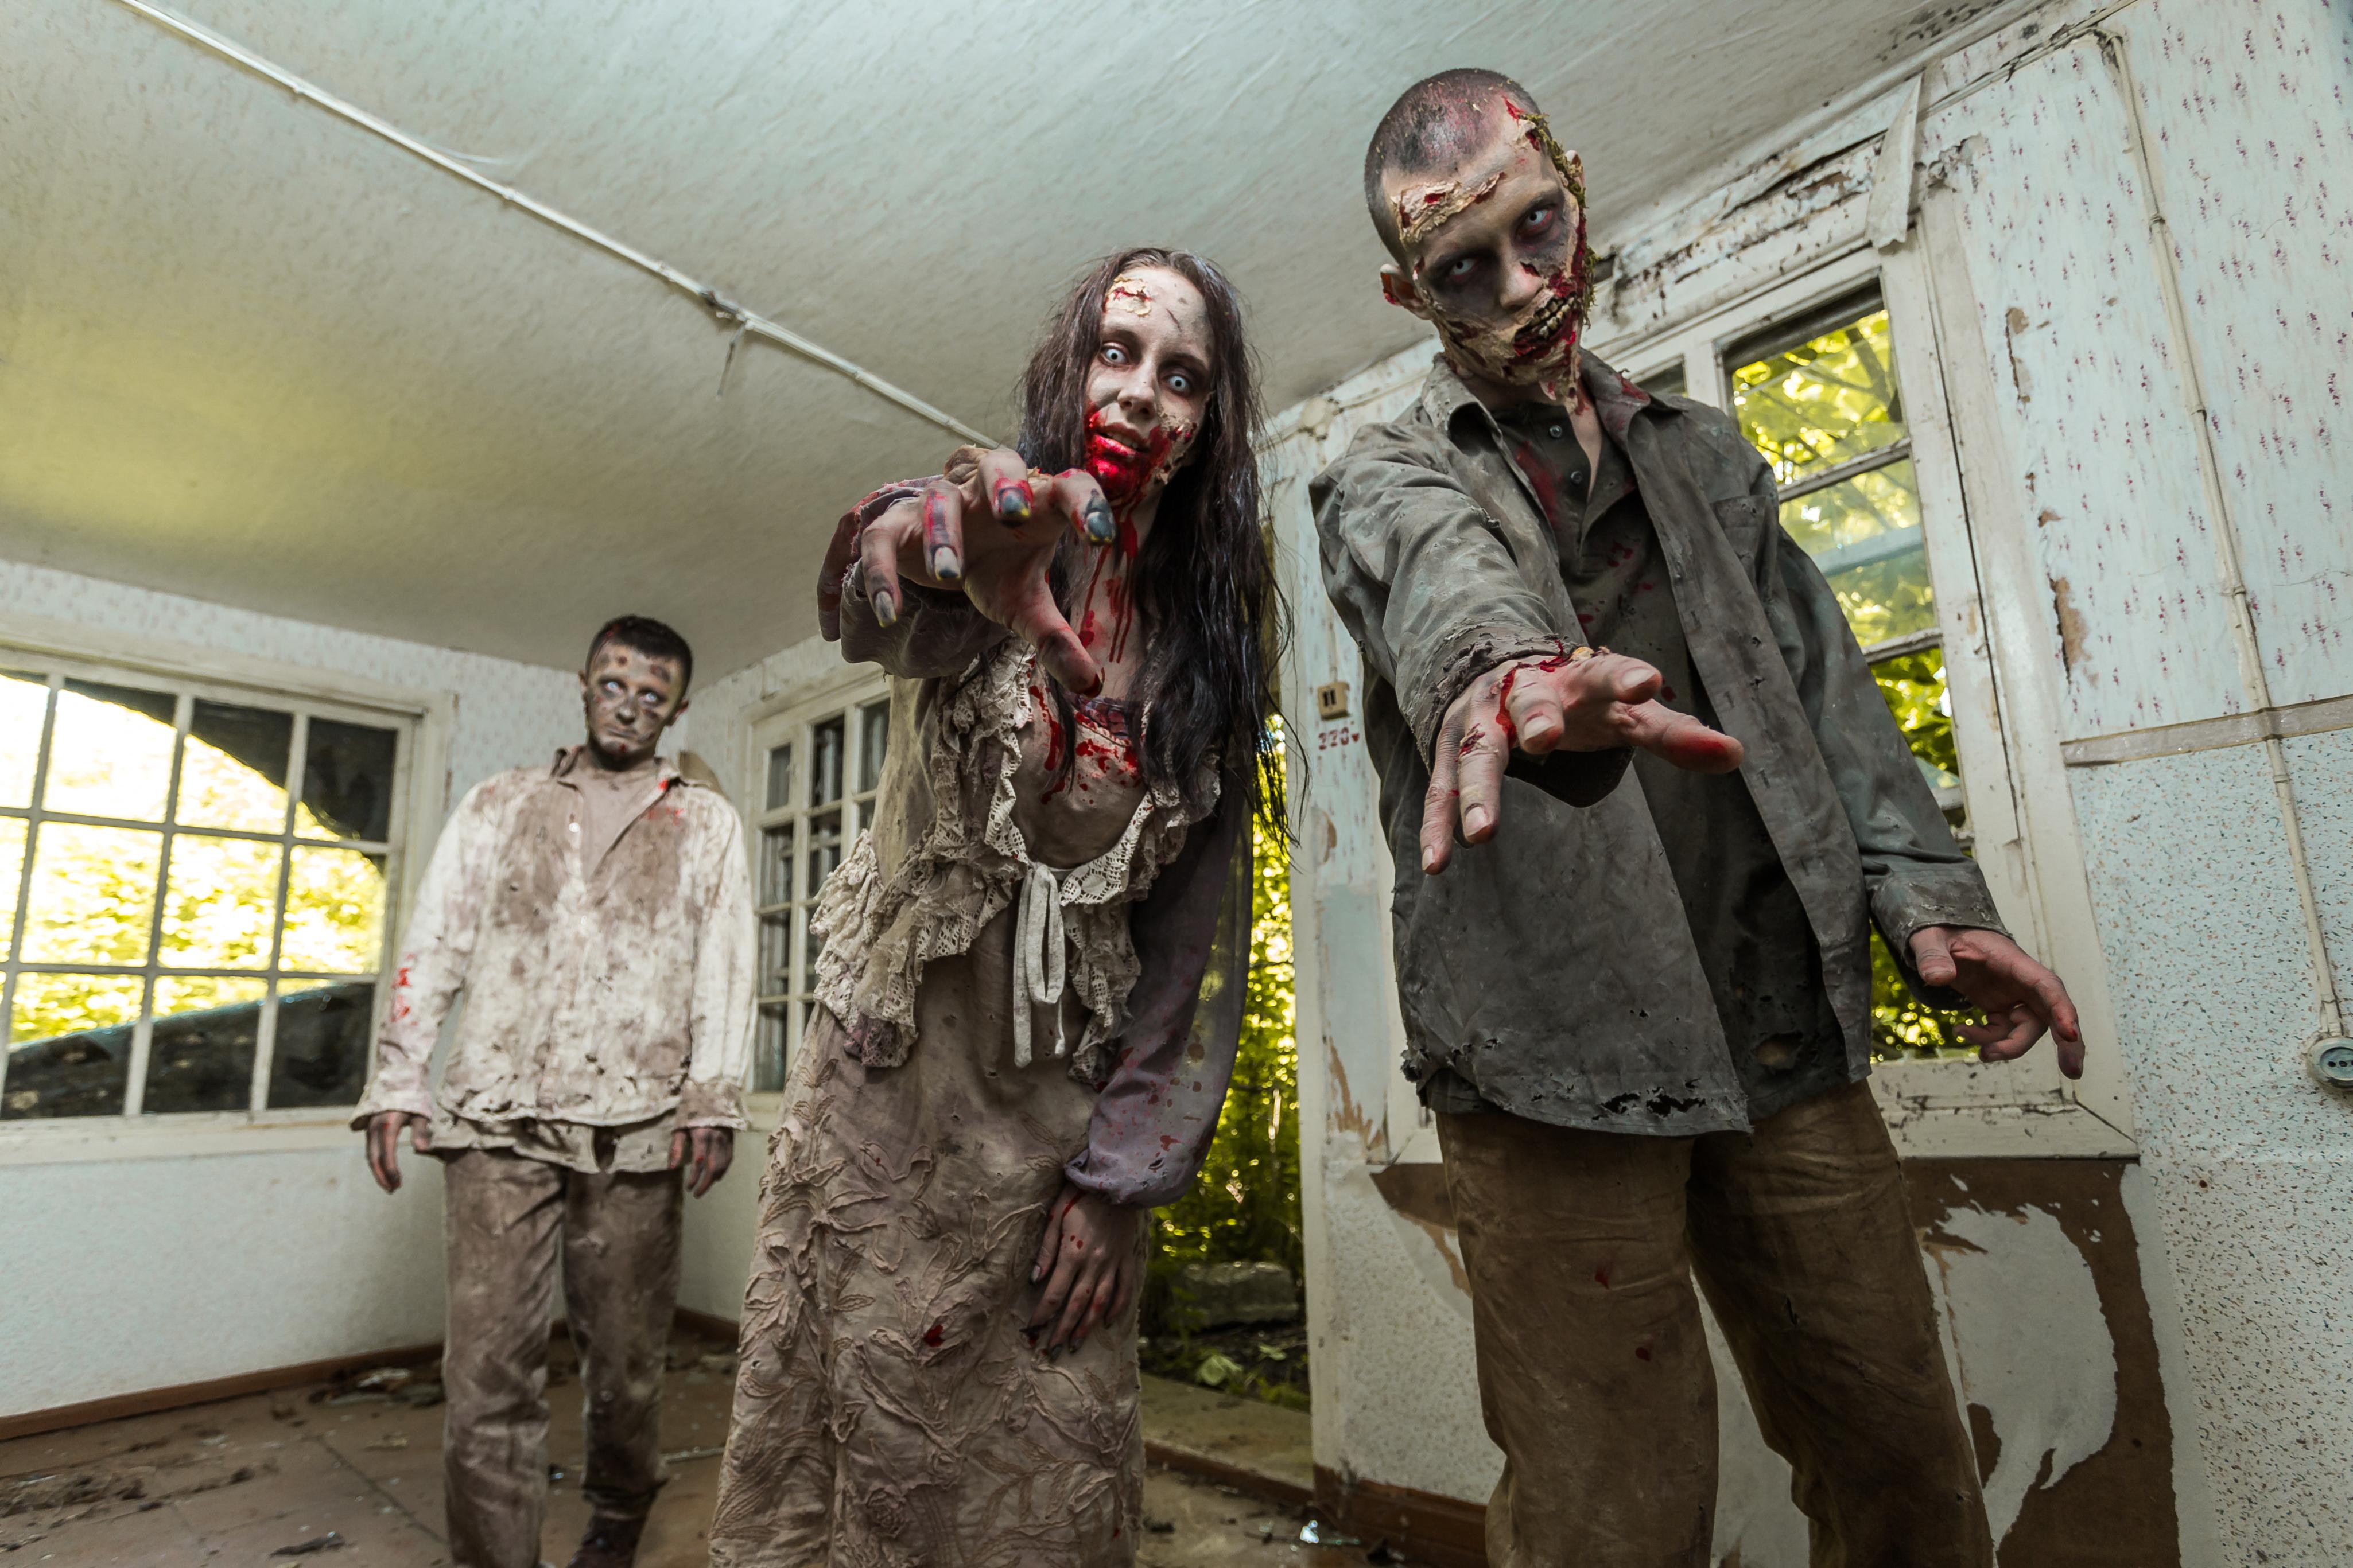 Zombier, eller levande döda, är människor som efter döden återuppstått.